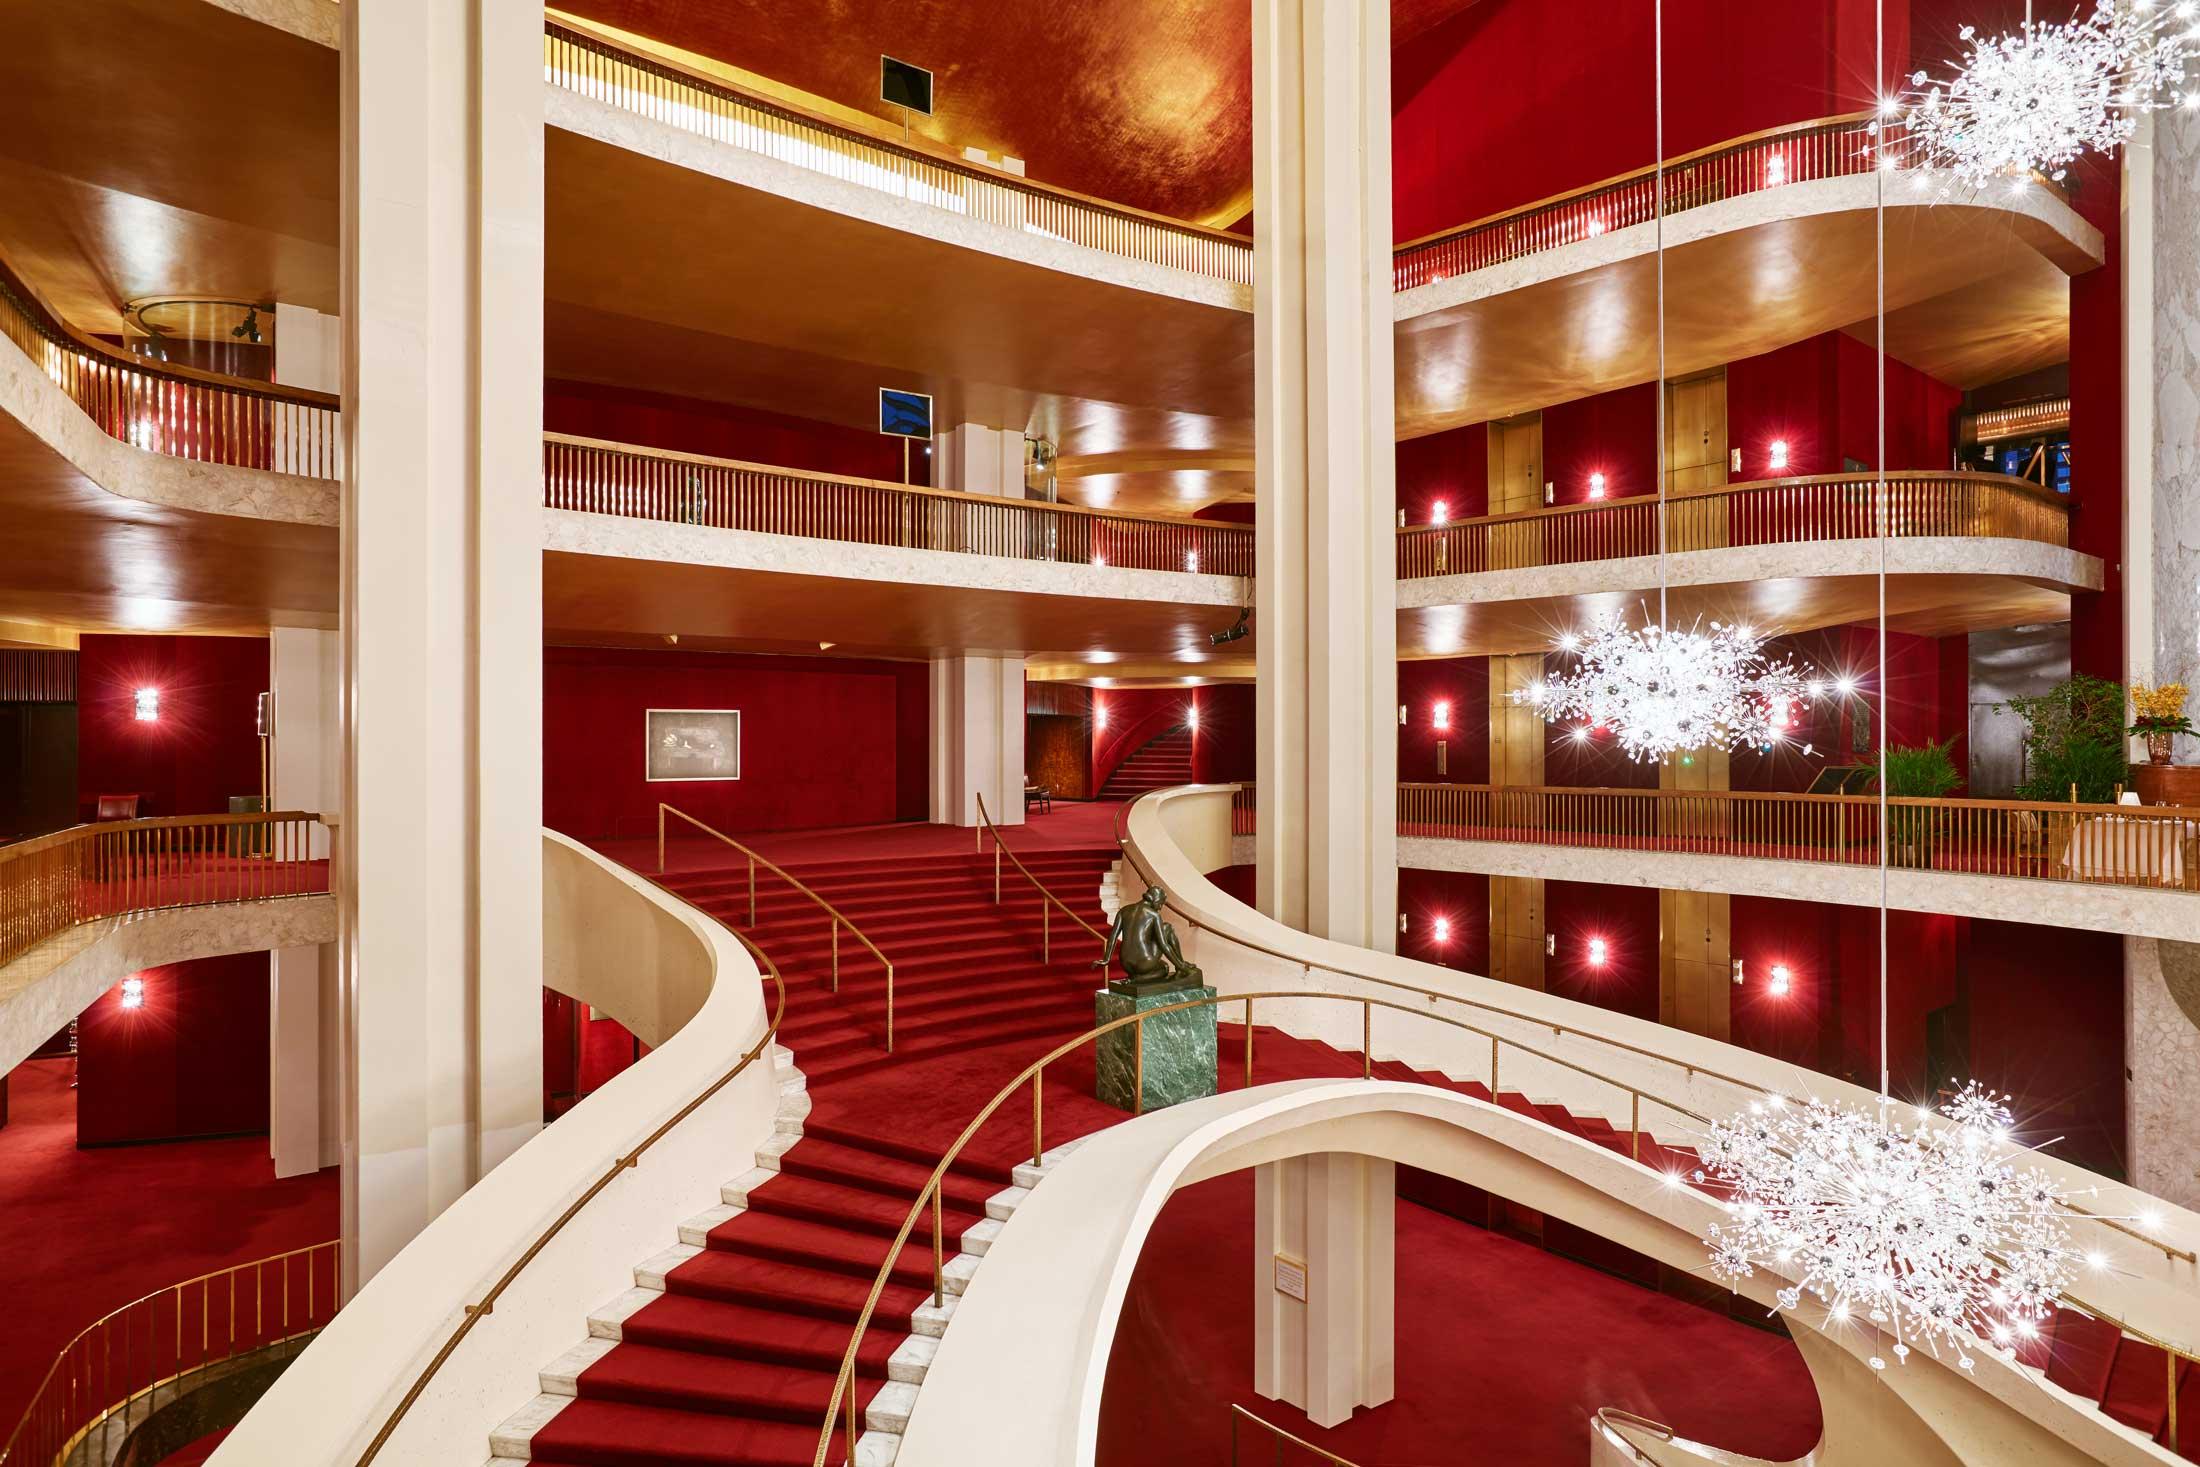 Metropolitan Opera   Desdemona for Celia by Hilton